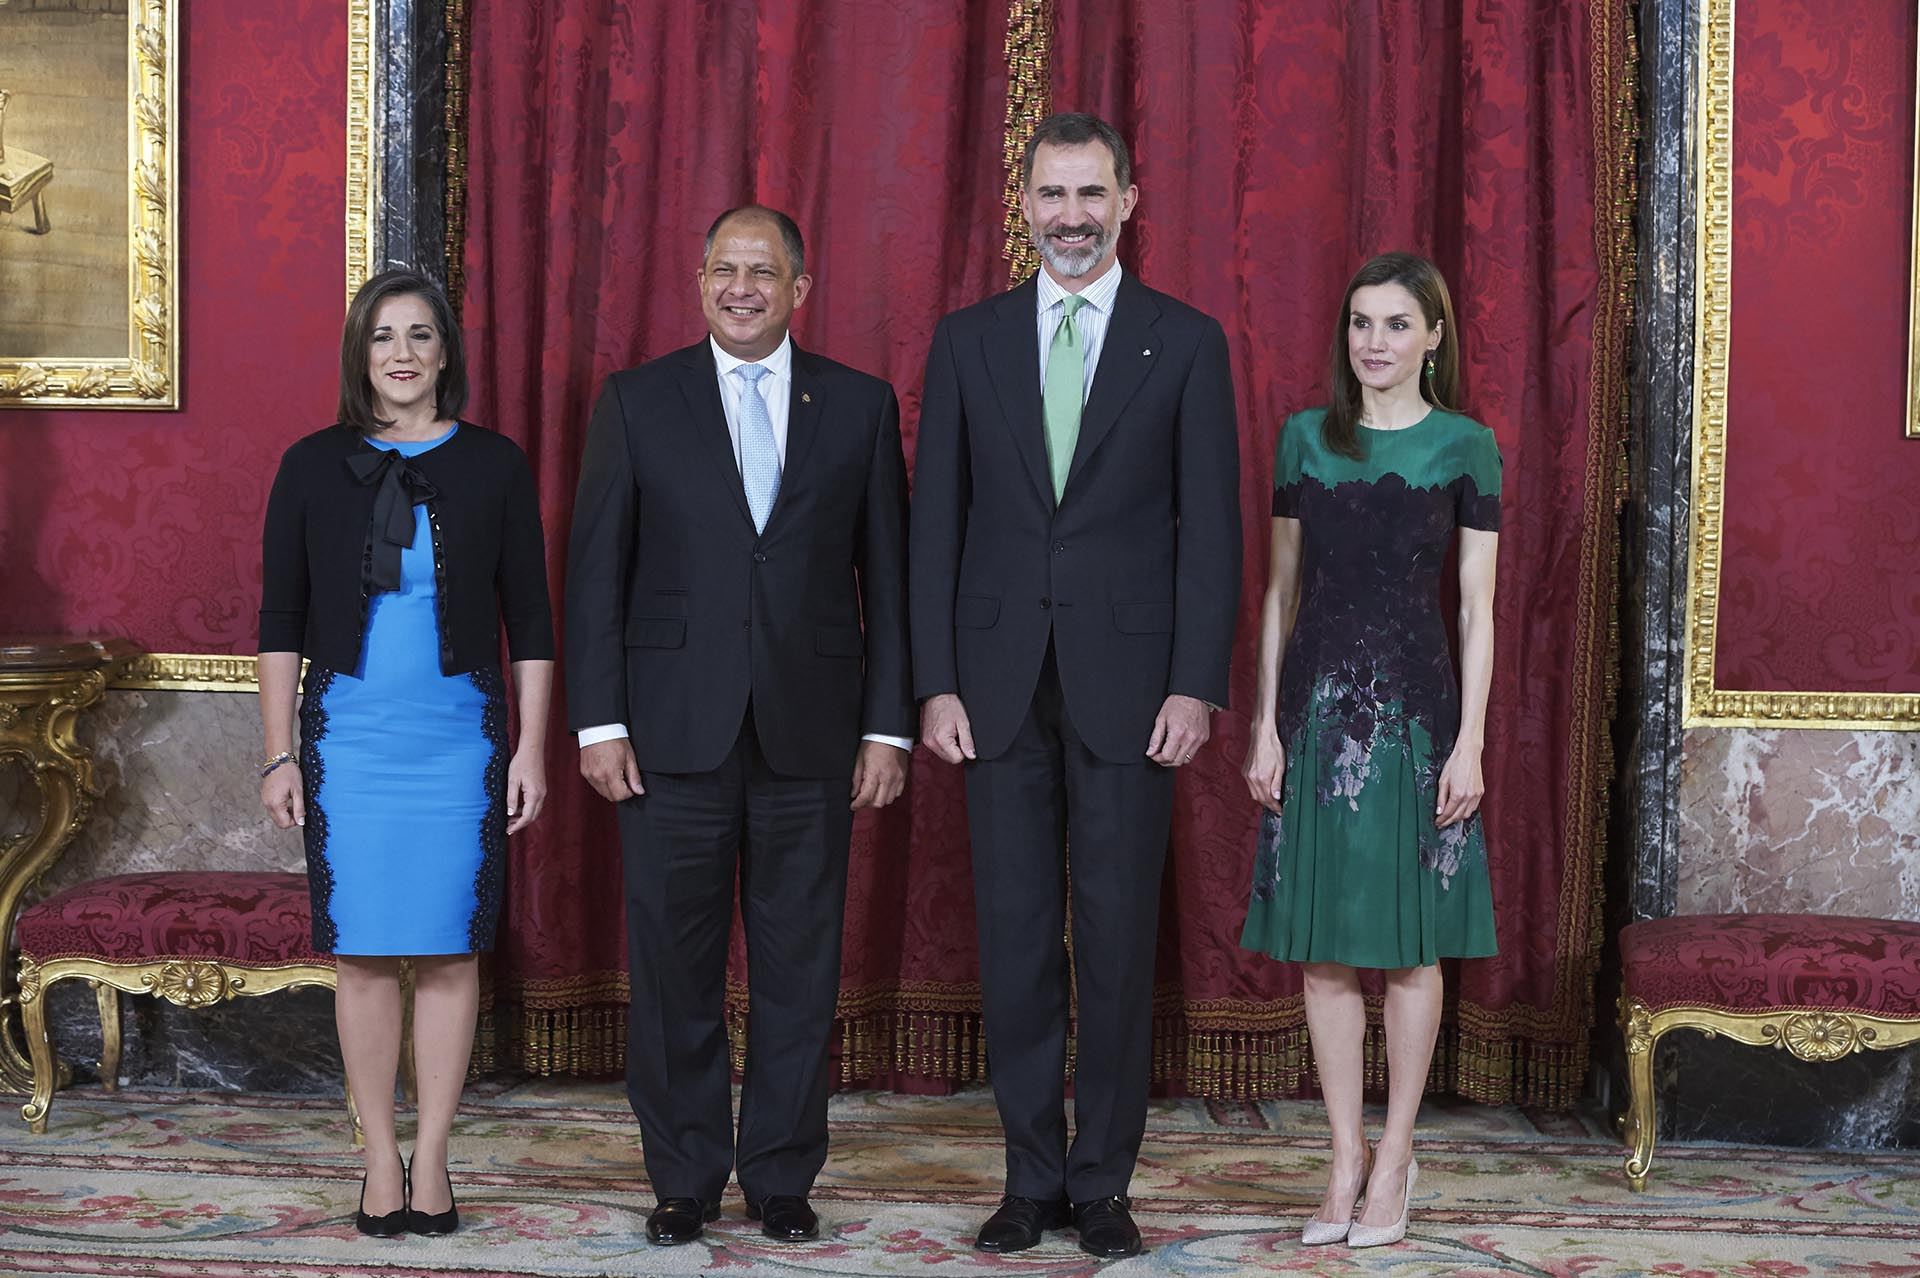 Felipe VI y la reina Letizia reciben al presidente de Costa Rica, Luis Guillermo Solís Rivera, y su esposa, Mercedes Peñas Domingo